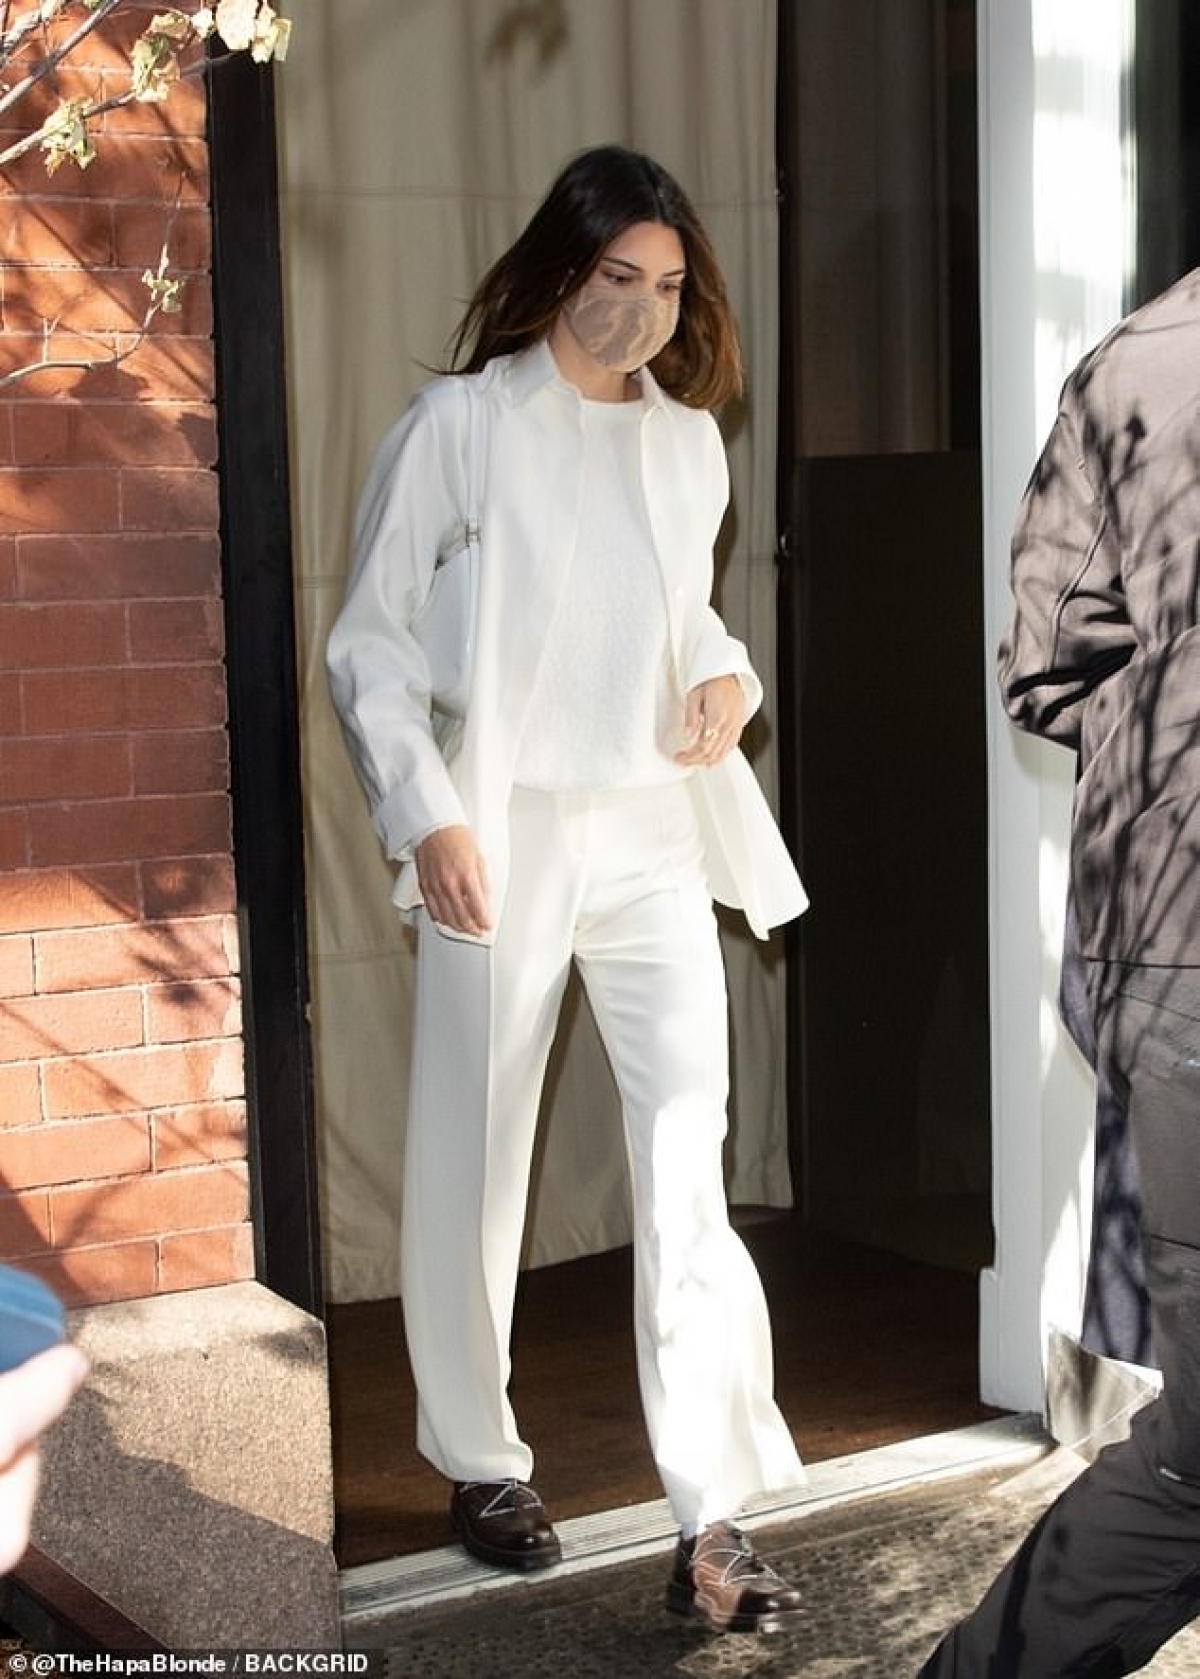 Sinh ra trong gia đình Kardashian - Jenner giàu có nổi tiếng, Kendall khá thuận lợi khi lấn sân vào làng thời trang.